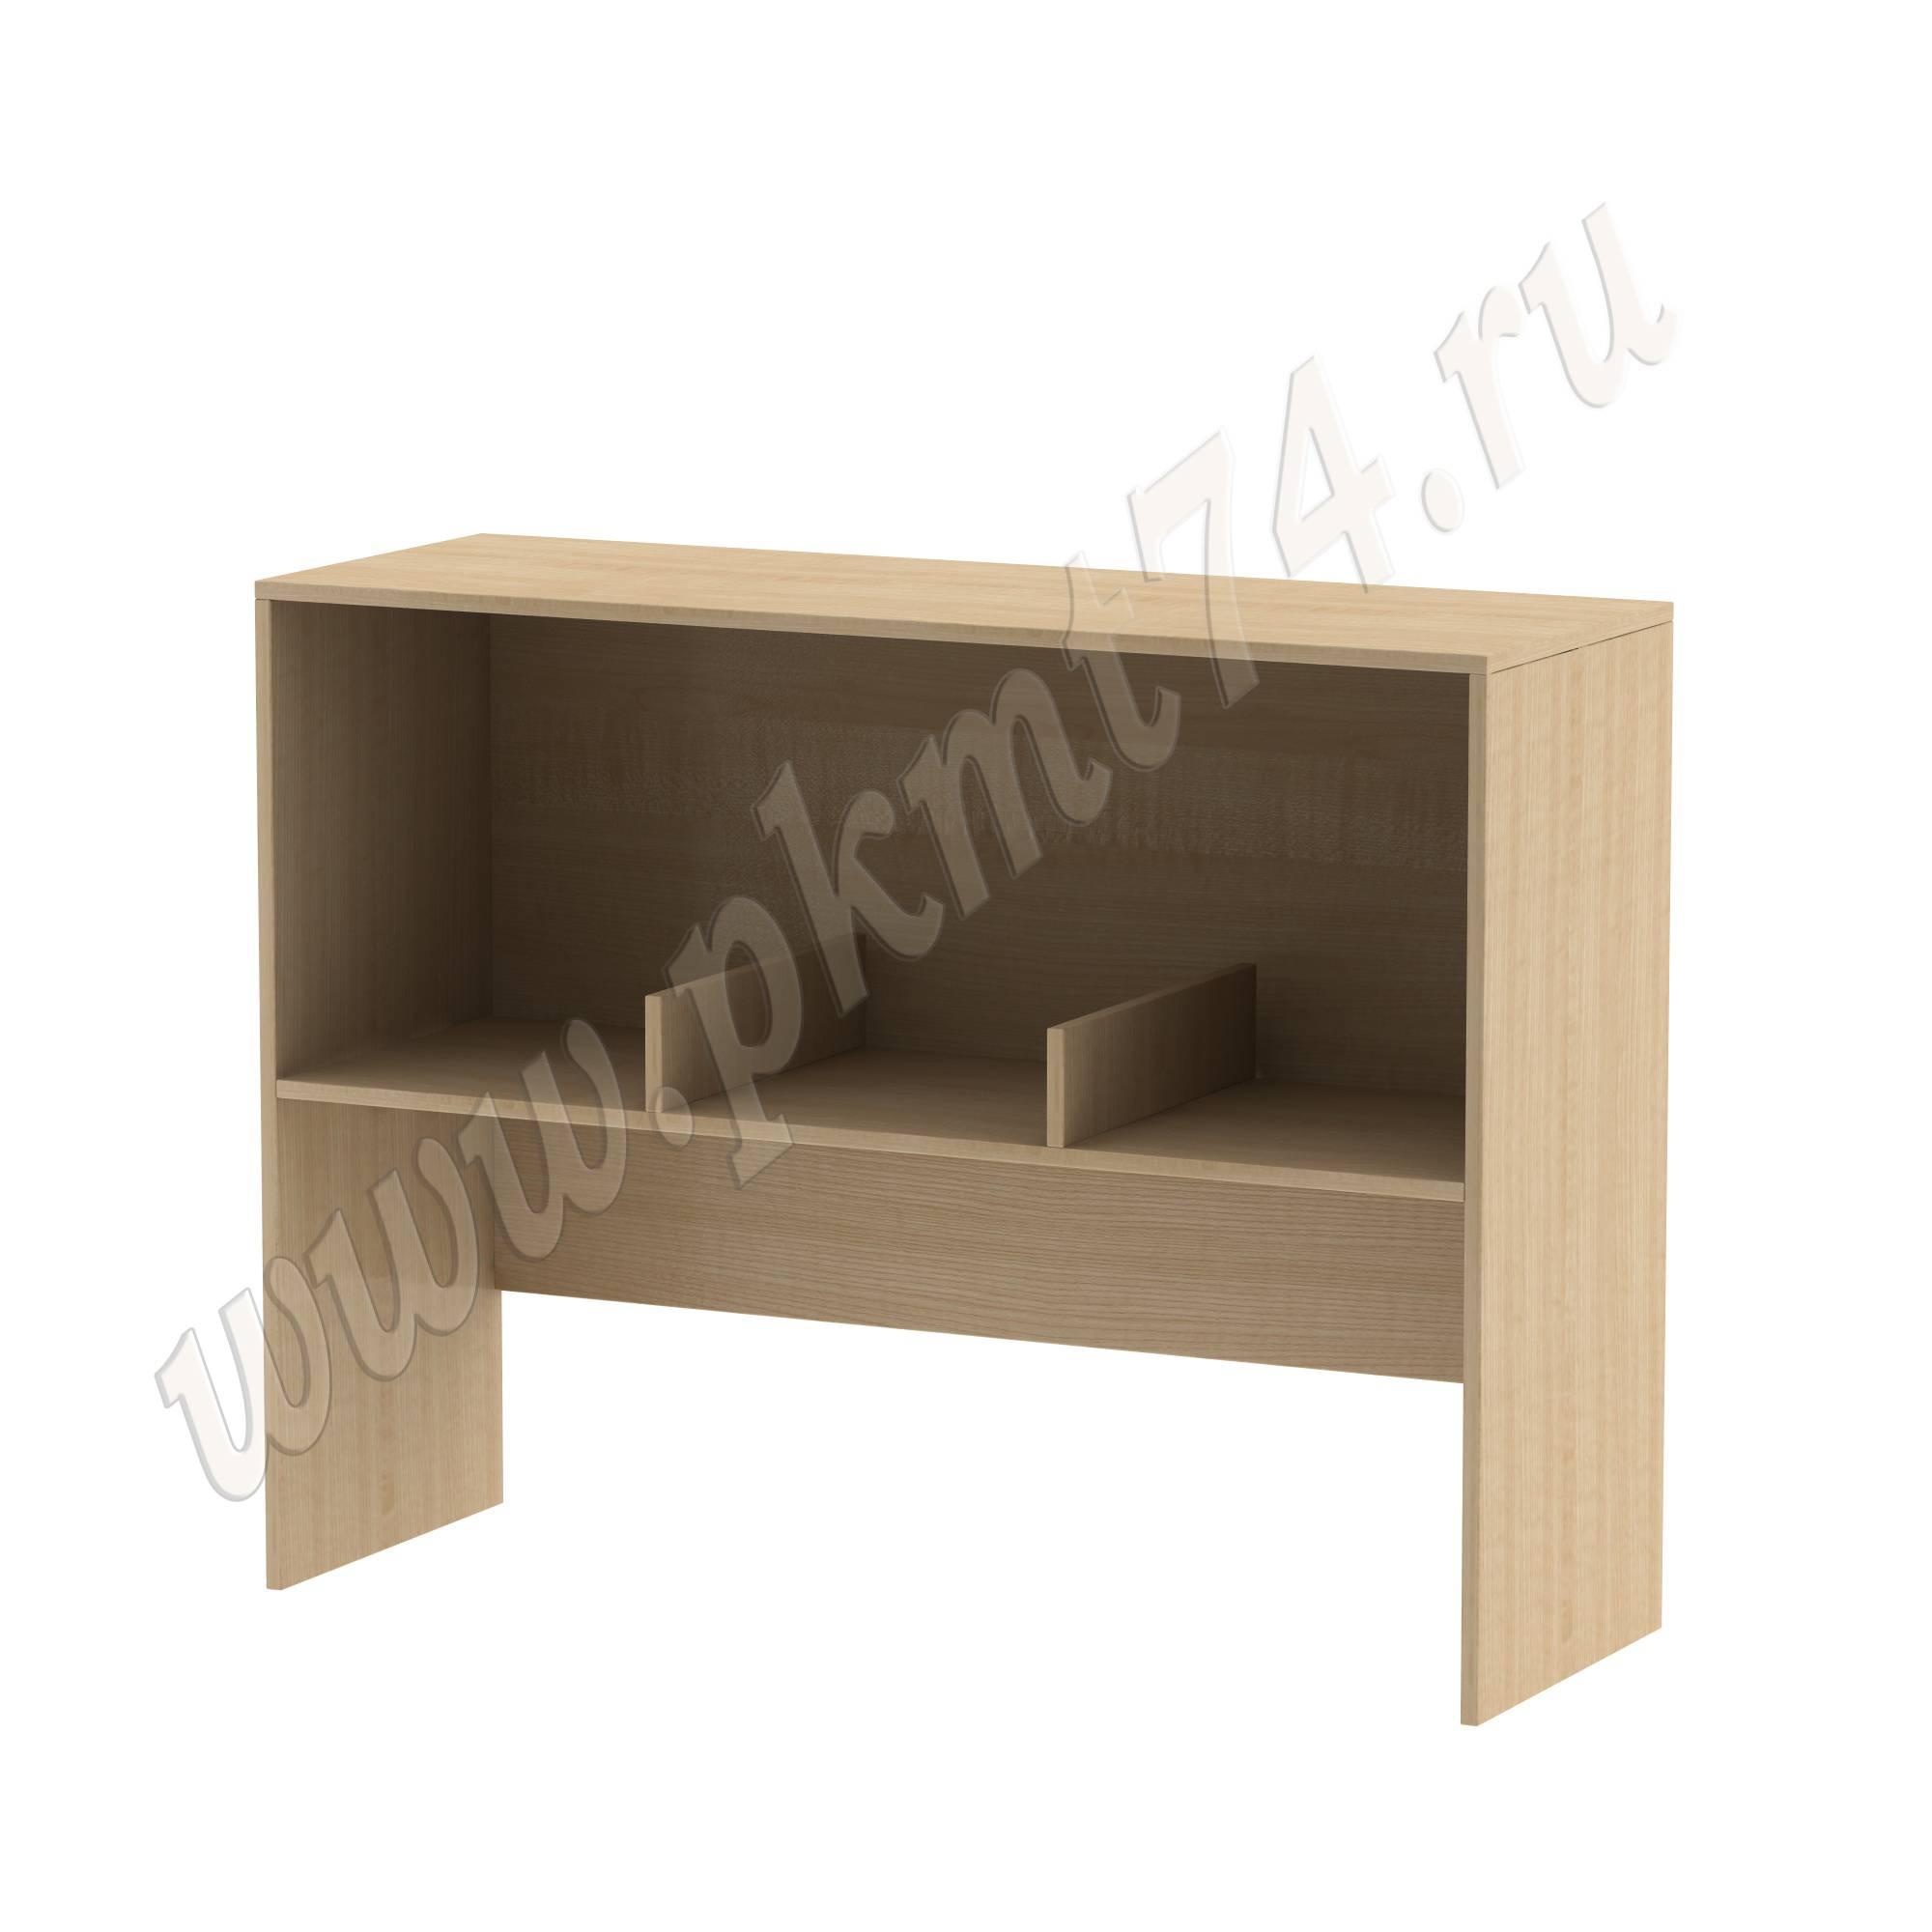 Стол для выдачи книг [Цвет ЛДСП:: Клён]